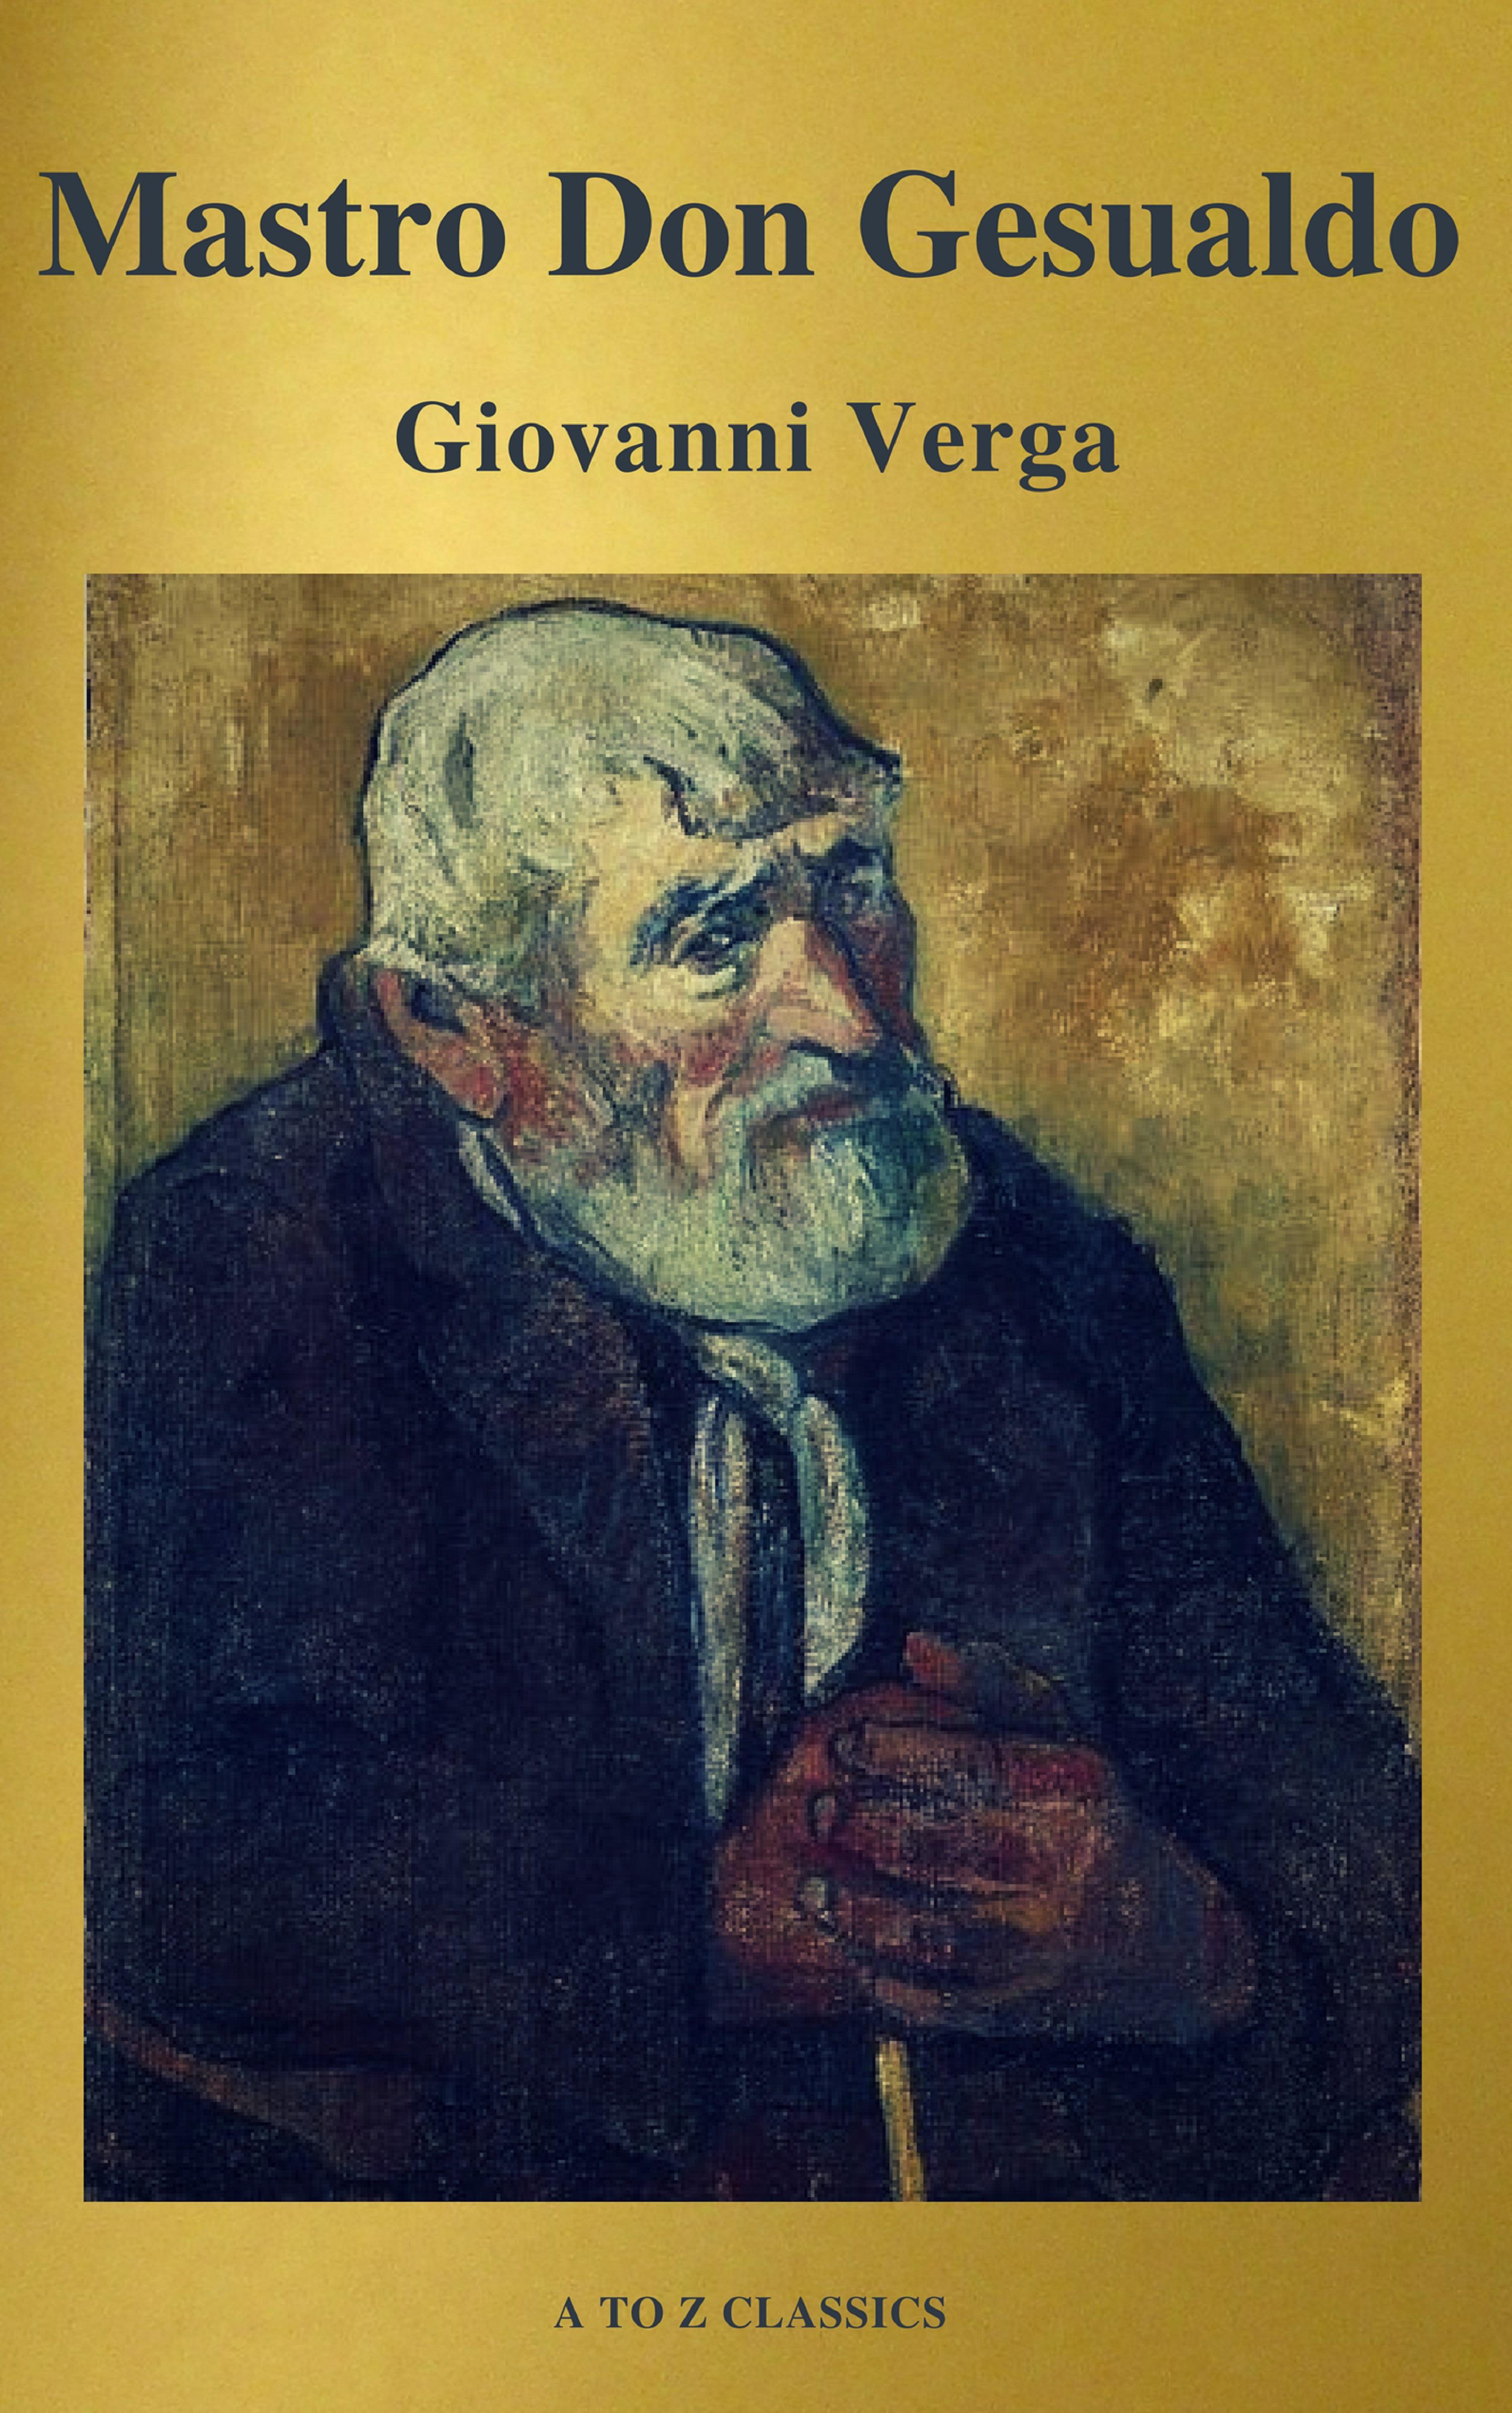 Giovanni Verga Mastro Don Gesualdo (classico della letteratura) (A to Z Classics) c gesualdo 5 madrigals